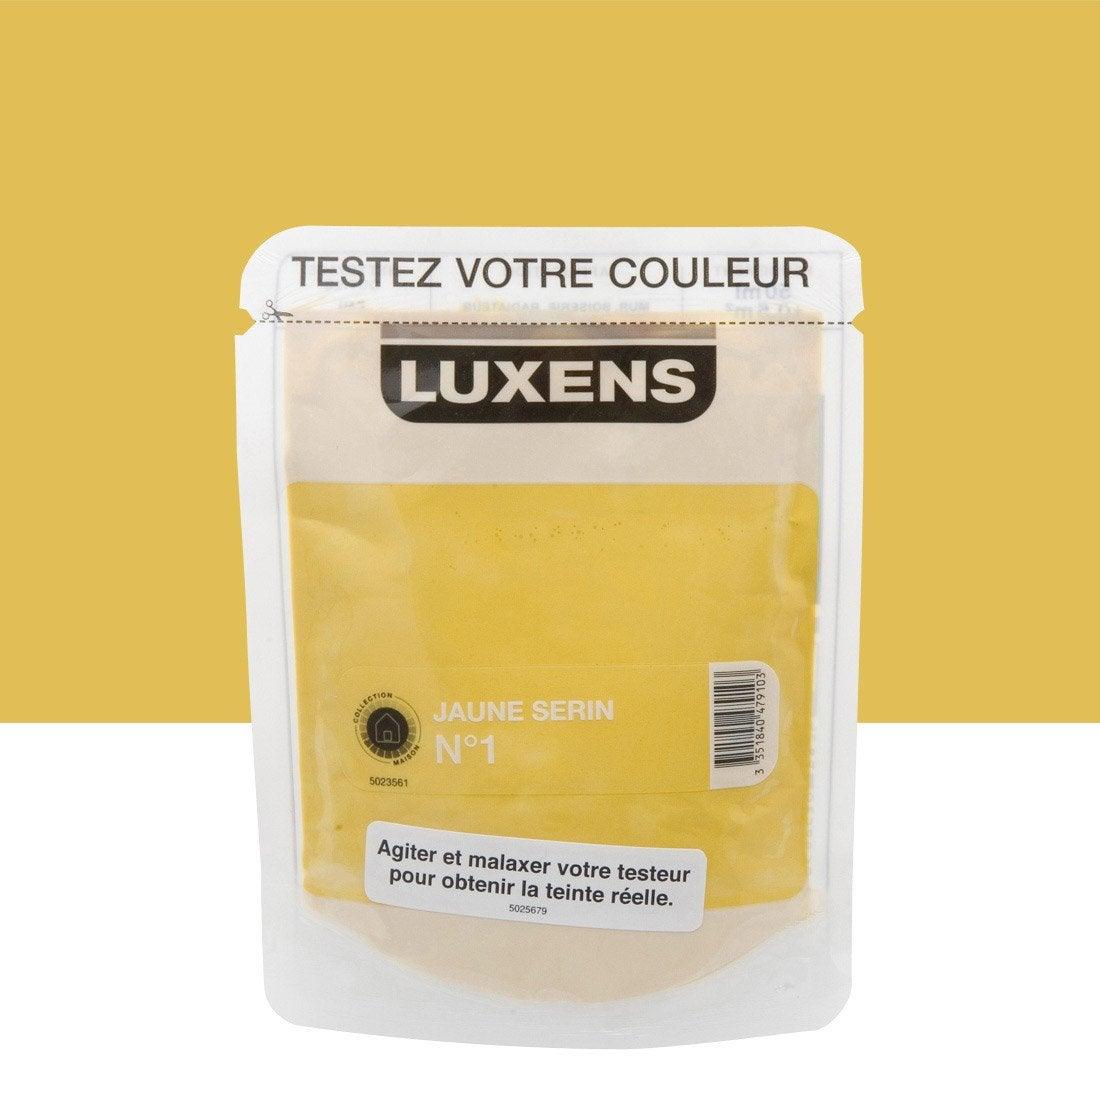 Testeur peinture jaune serin 1 LUXENS Couleurs intérieures